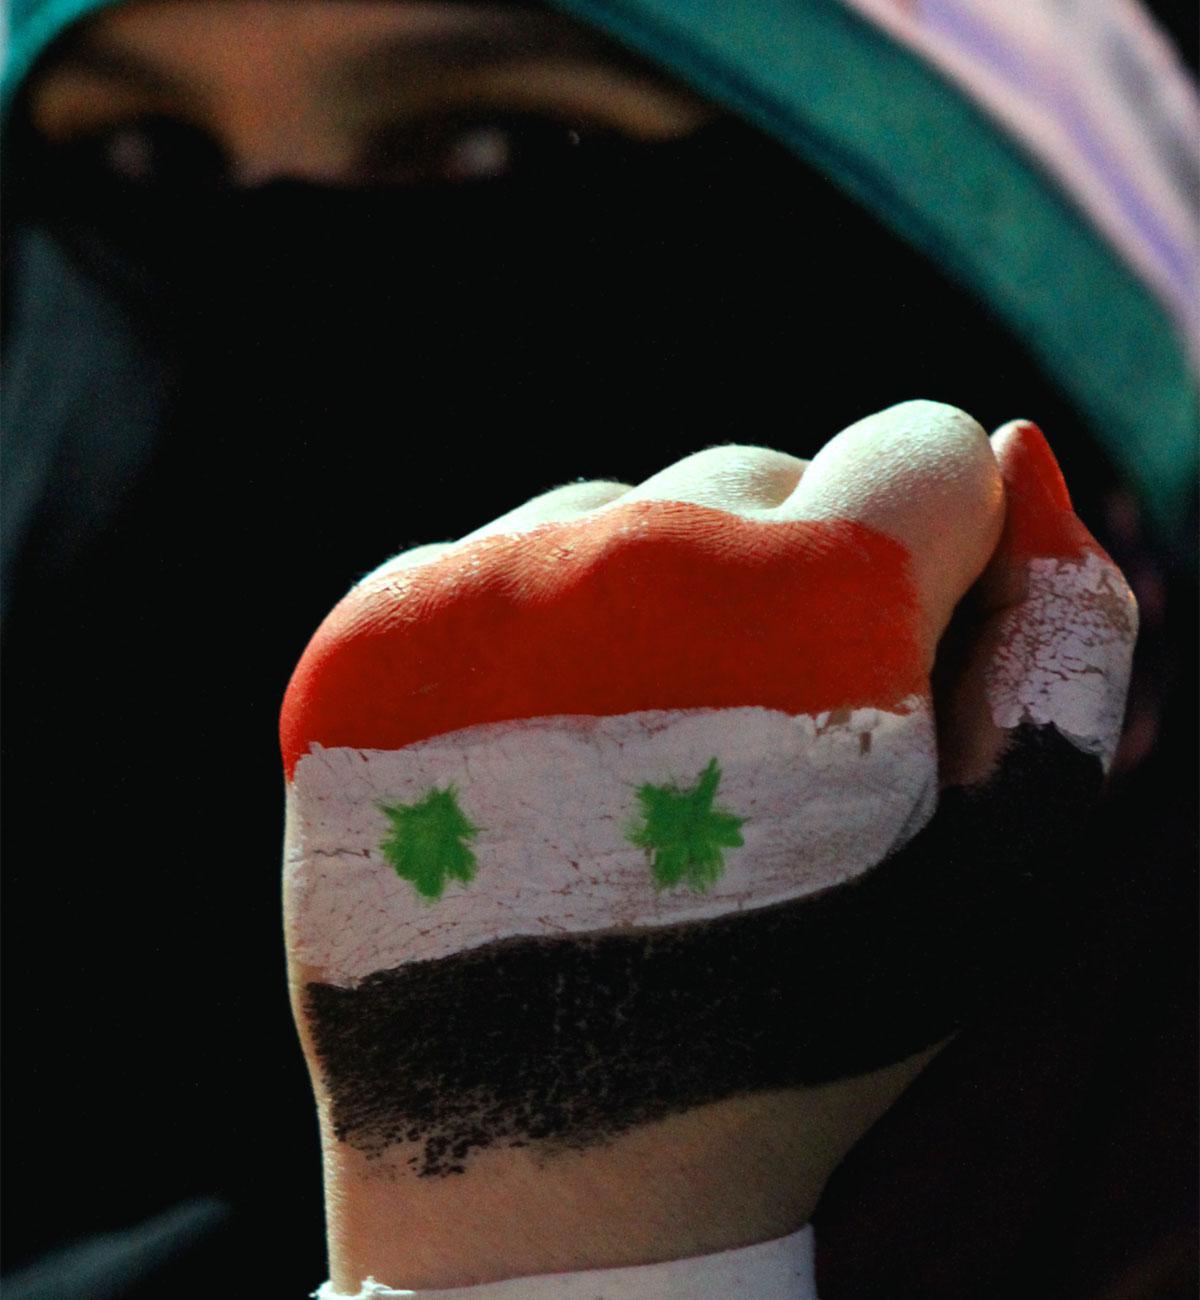 La crisi in Siria